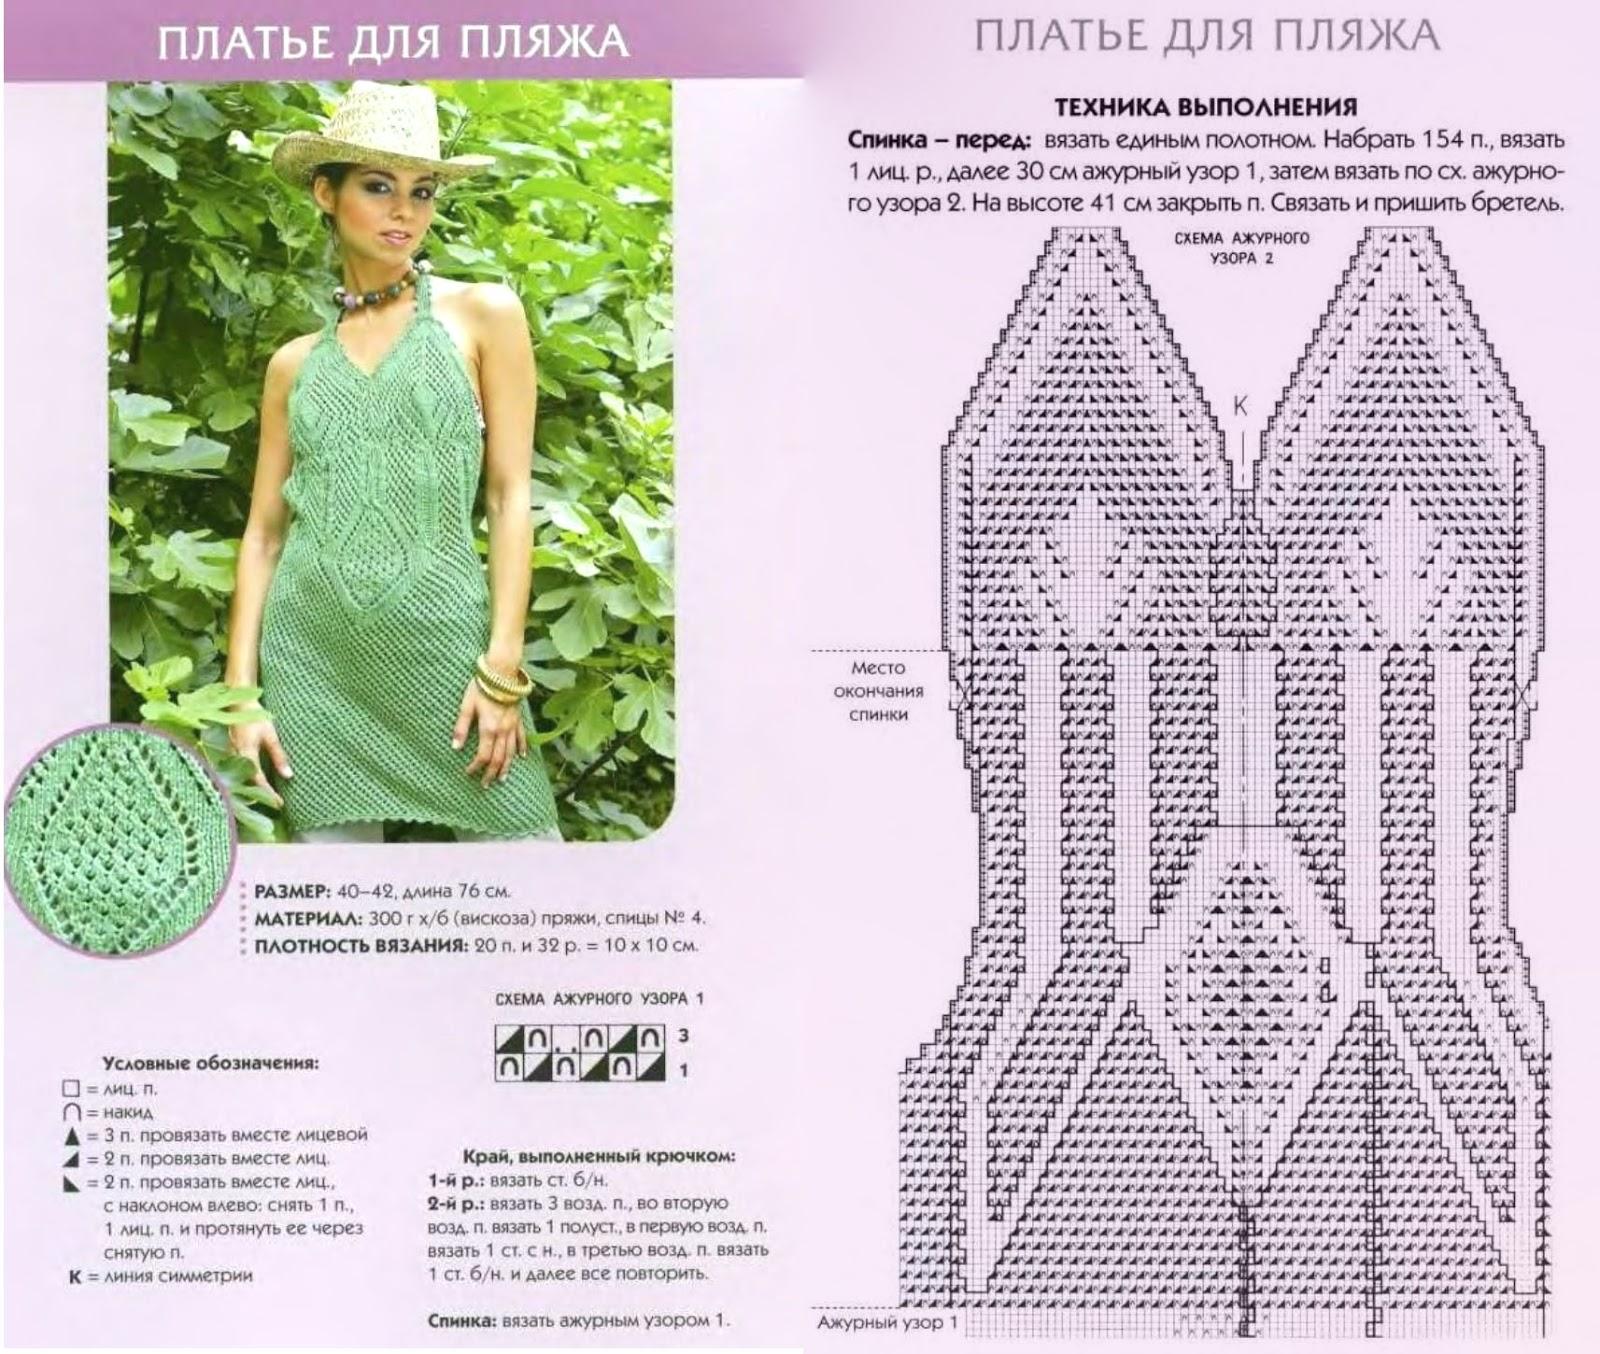 Вязаное платье на пляж крючком схемы